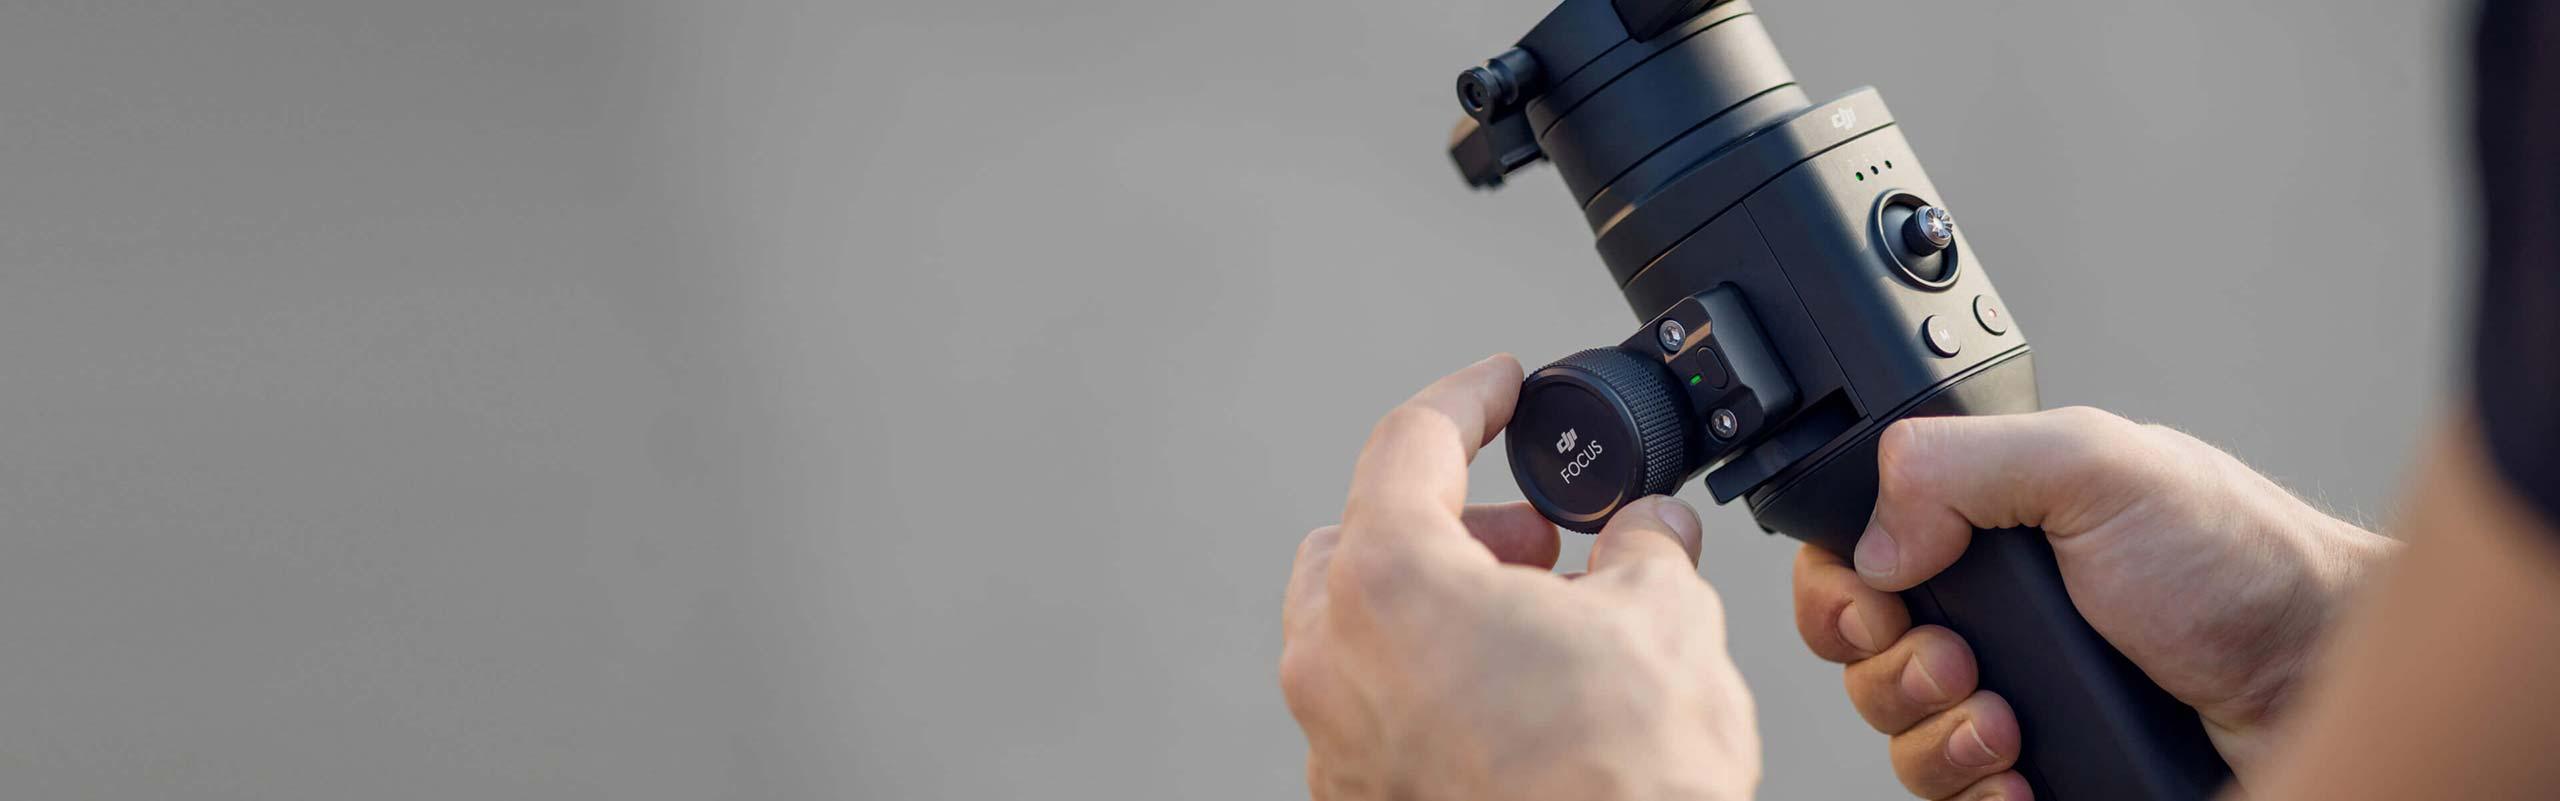 Hanoigimbal – Cho thuê thiết bị chụp ảnh – quay phim tại Hà Nội